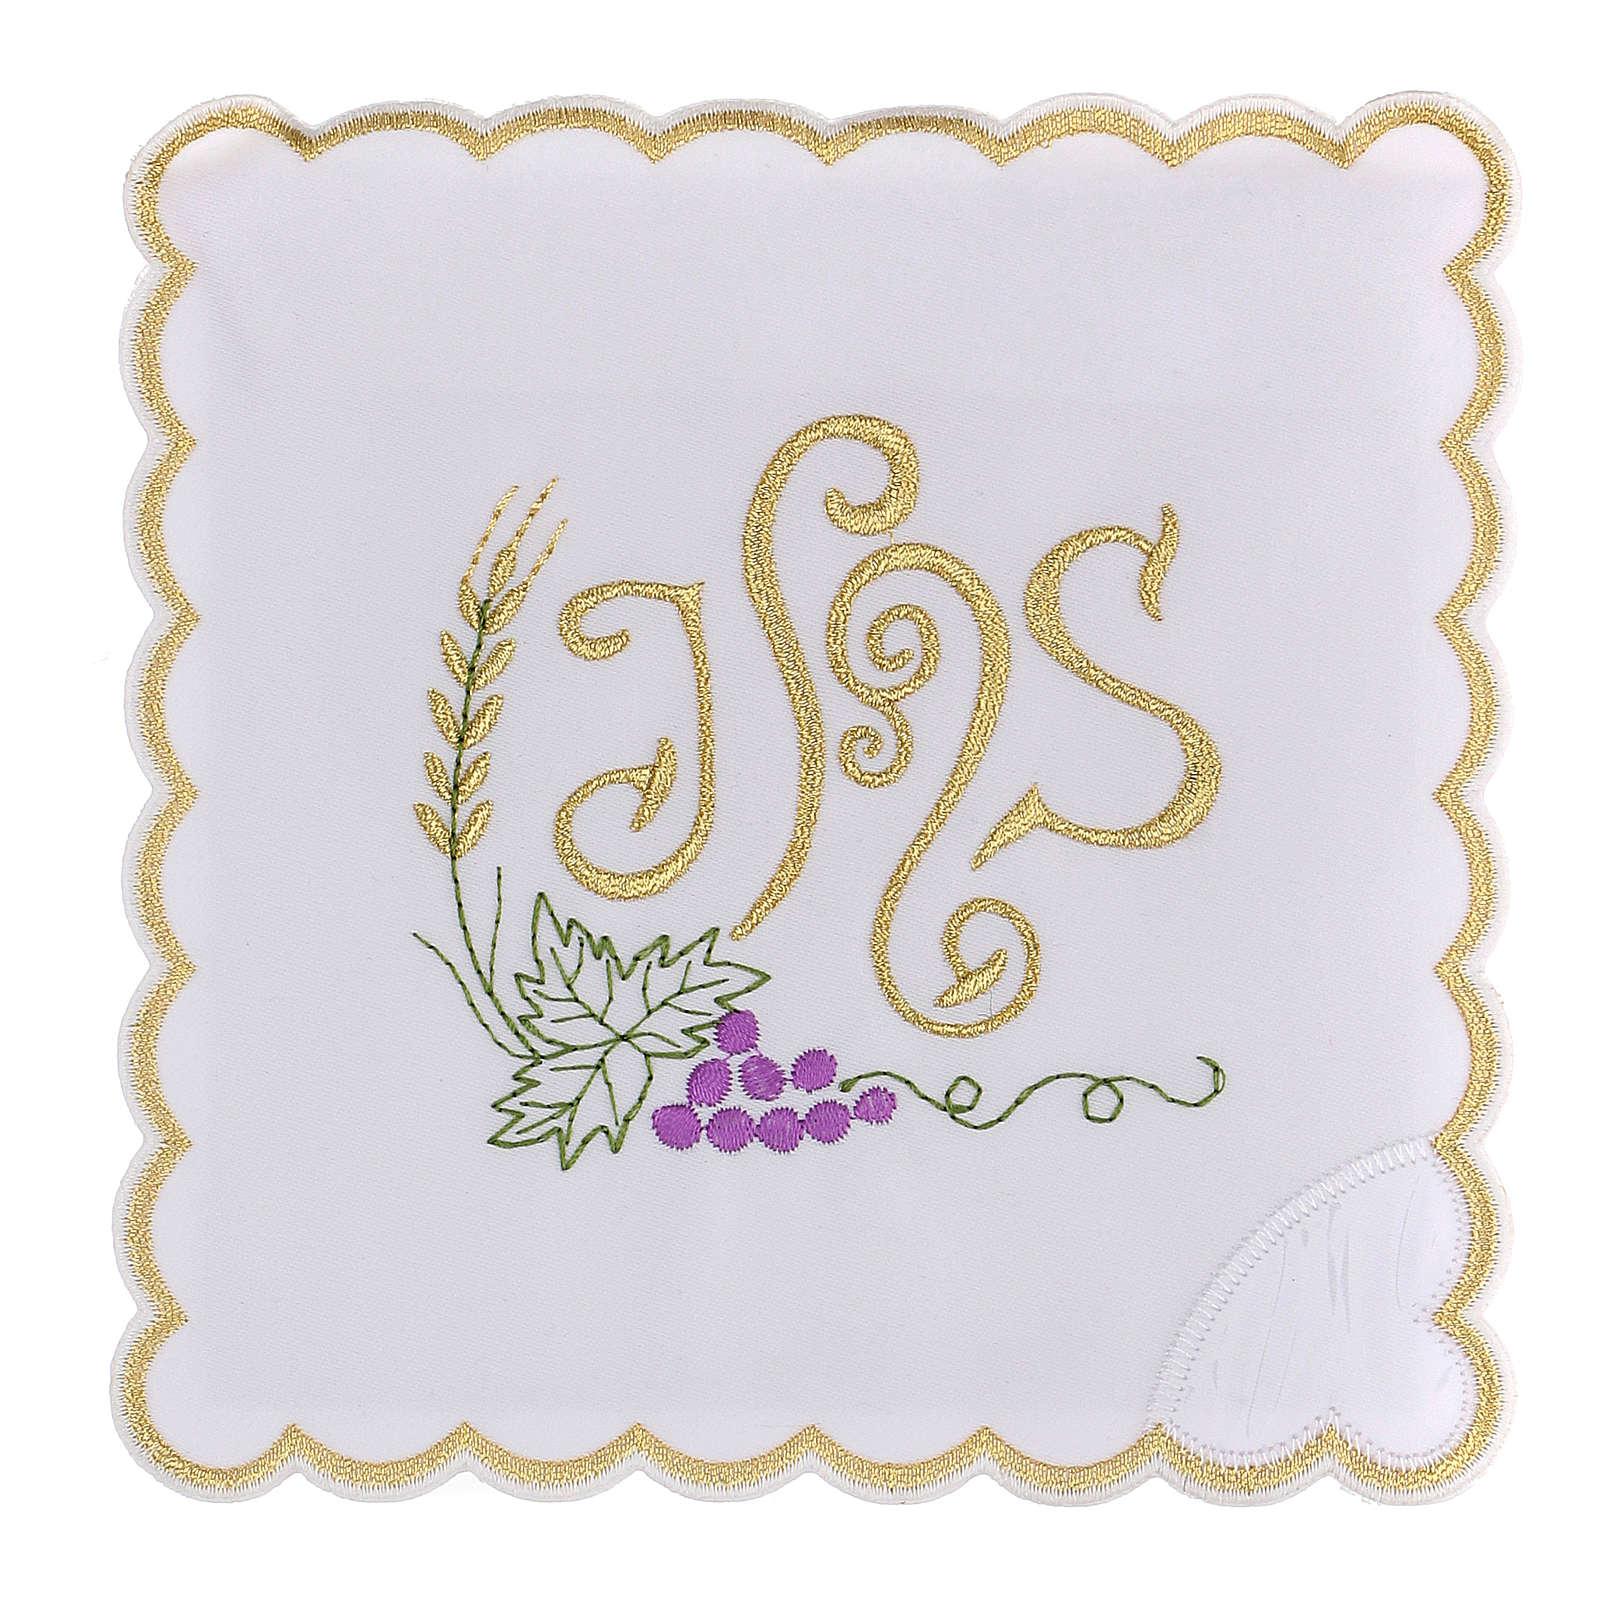 Servizio da altare cotone spiga grano foglia uva simbolo JHS 4